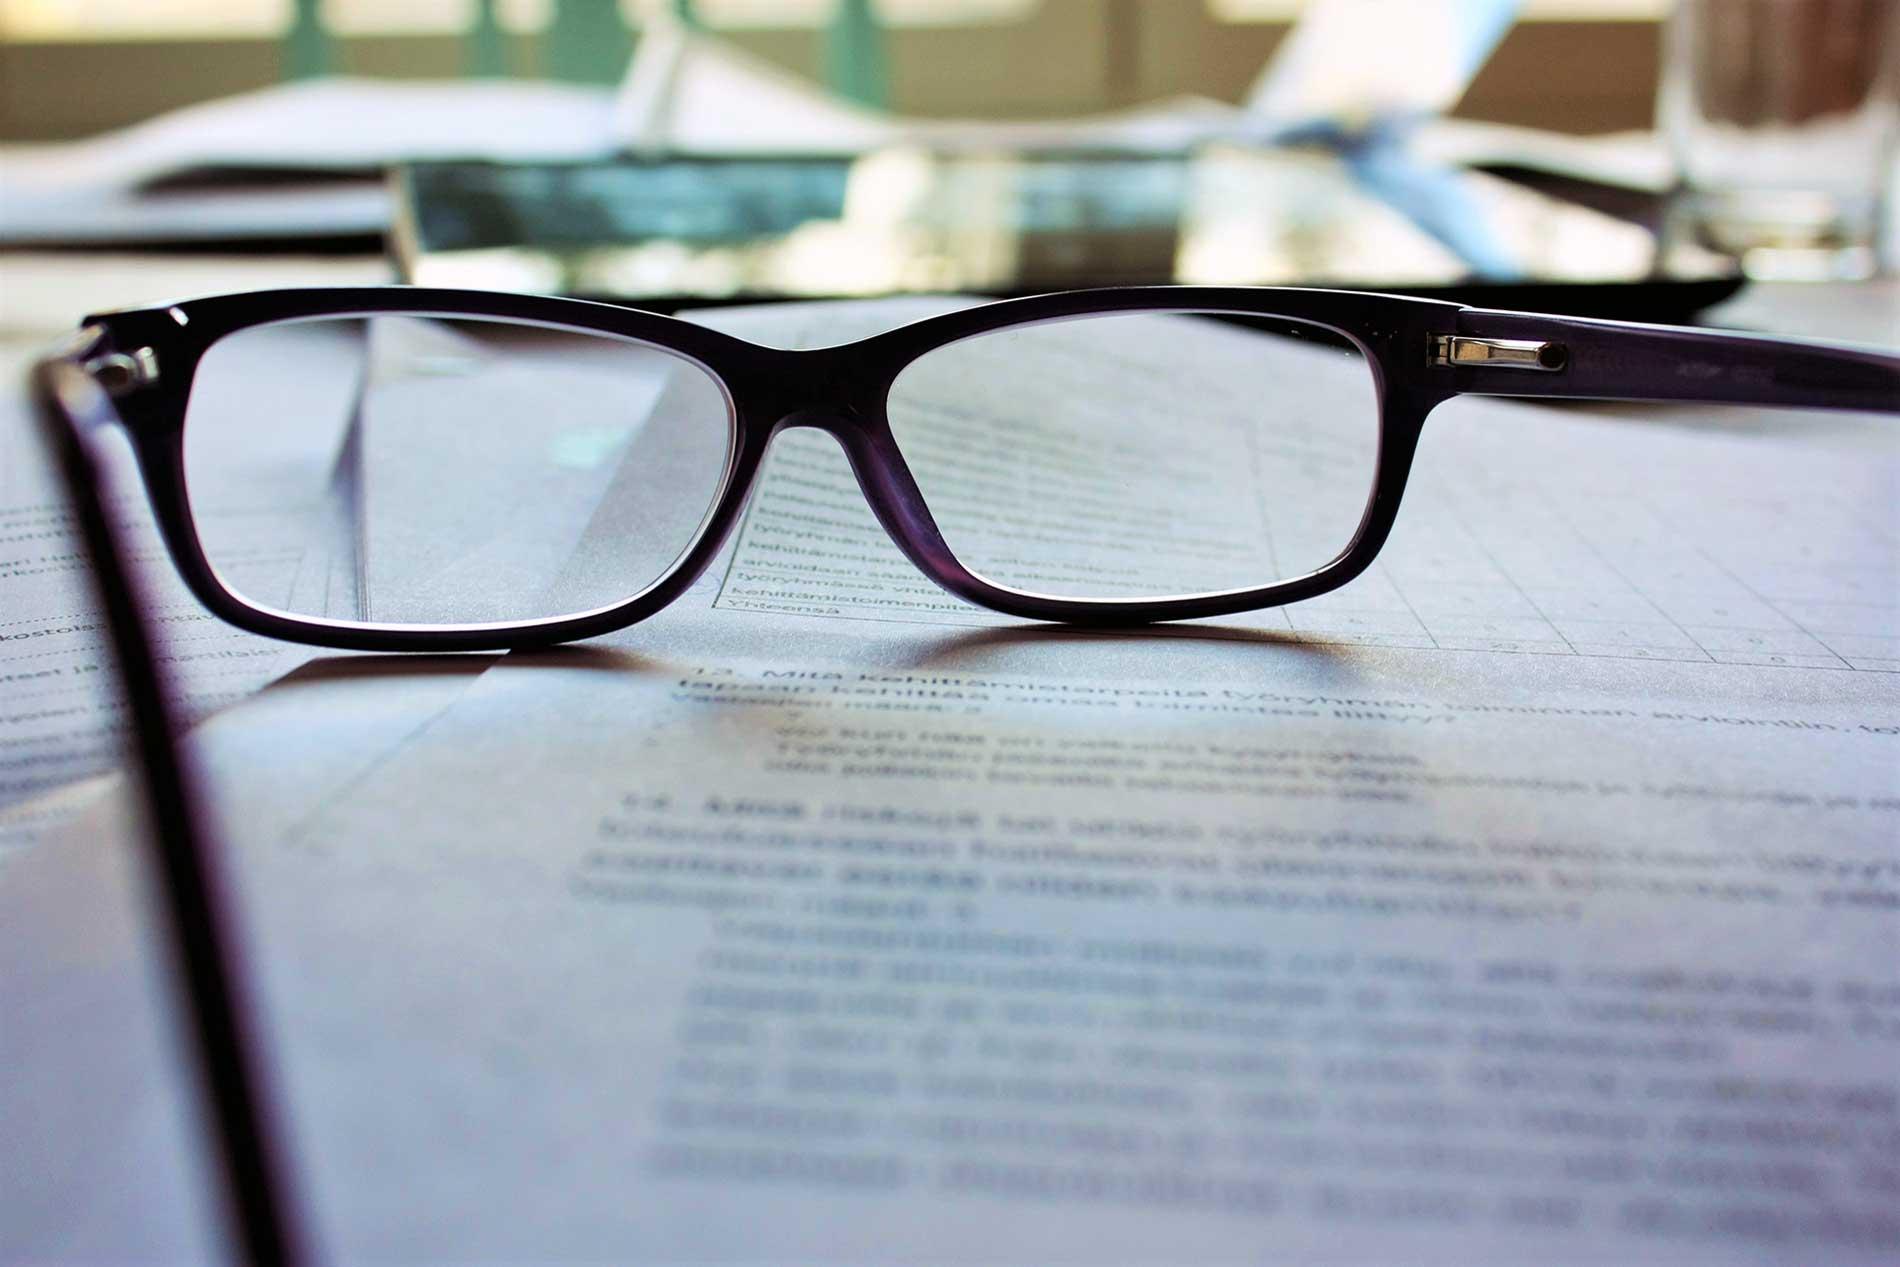 Obblighi informativi - Contratti e documentazione